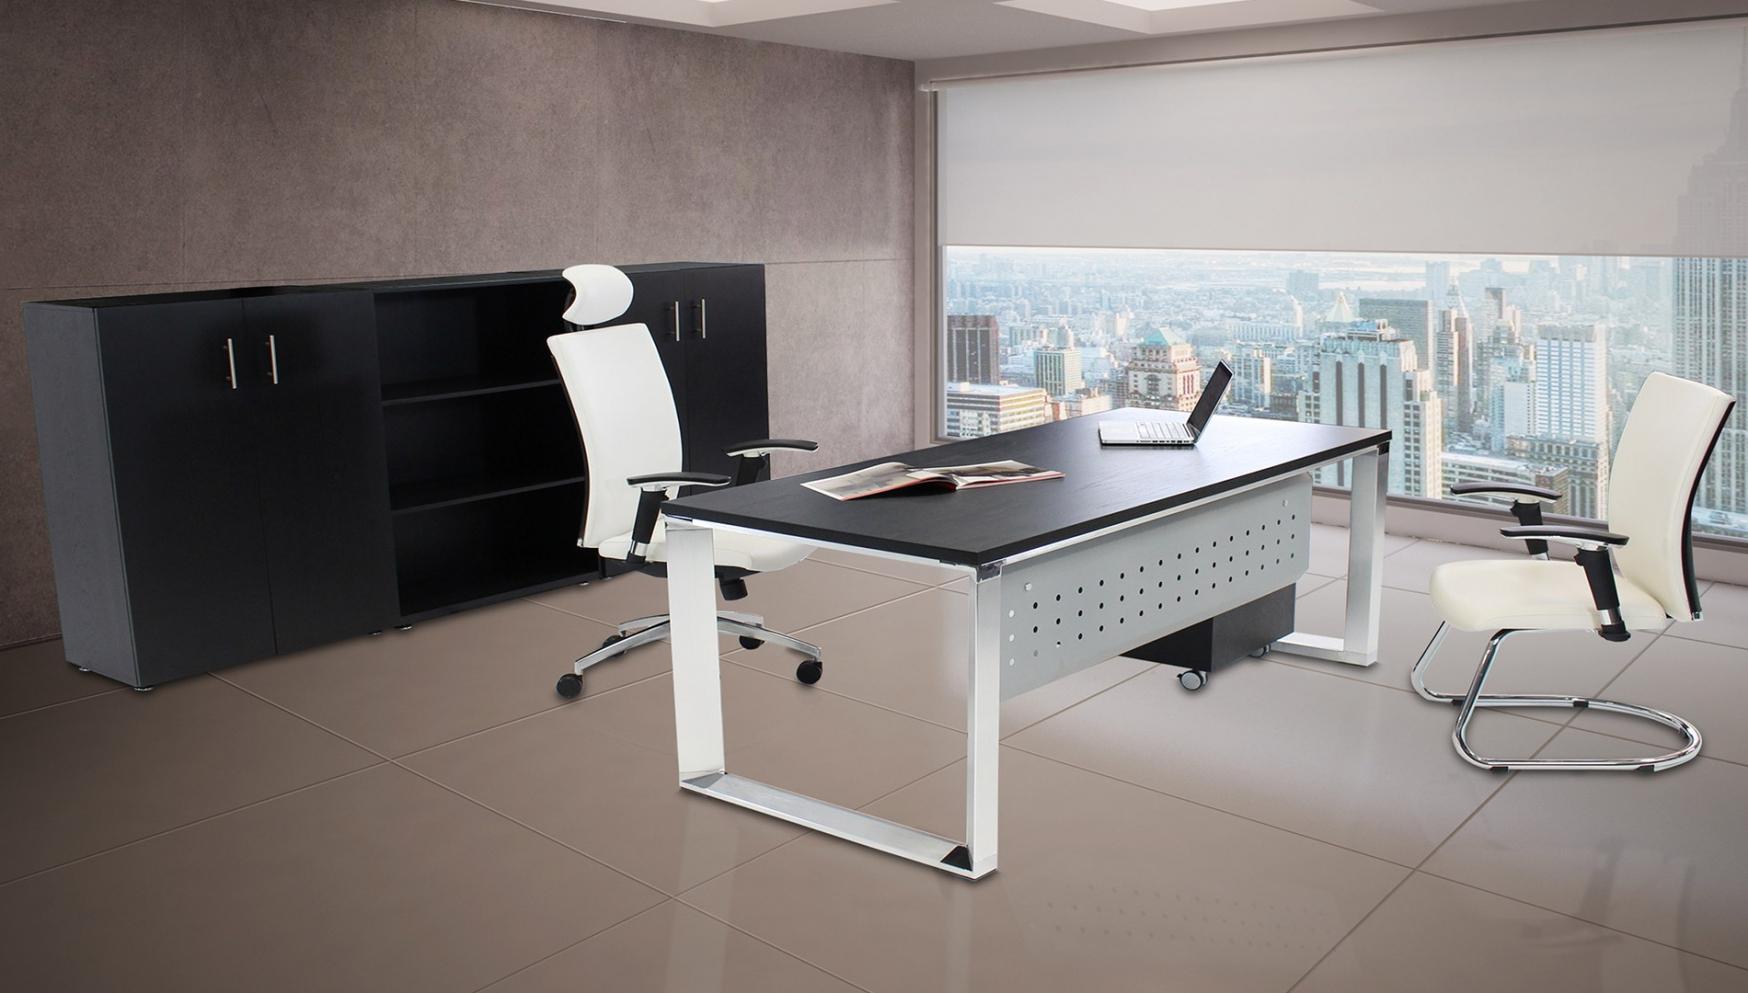 Mobiliario De Oficina Segunda Mano Tqd3 Muebles De Oficina Psicologiaymediacion